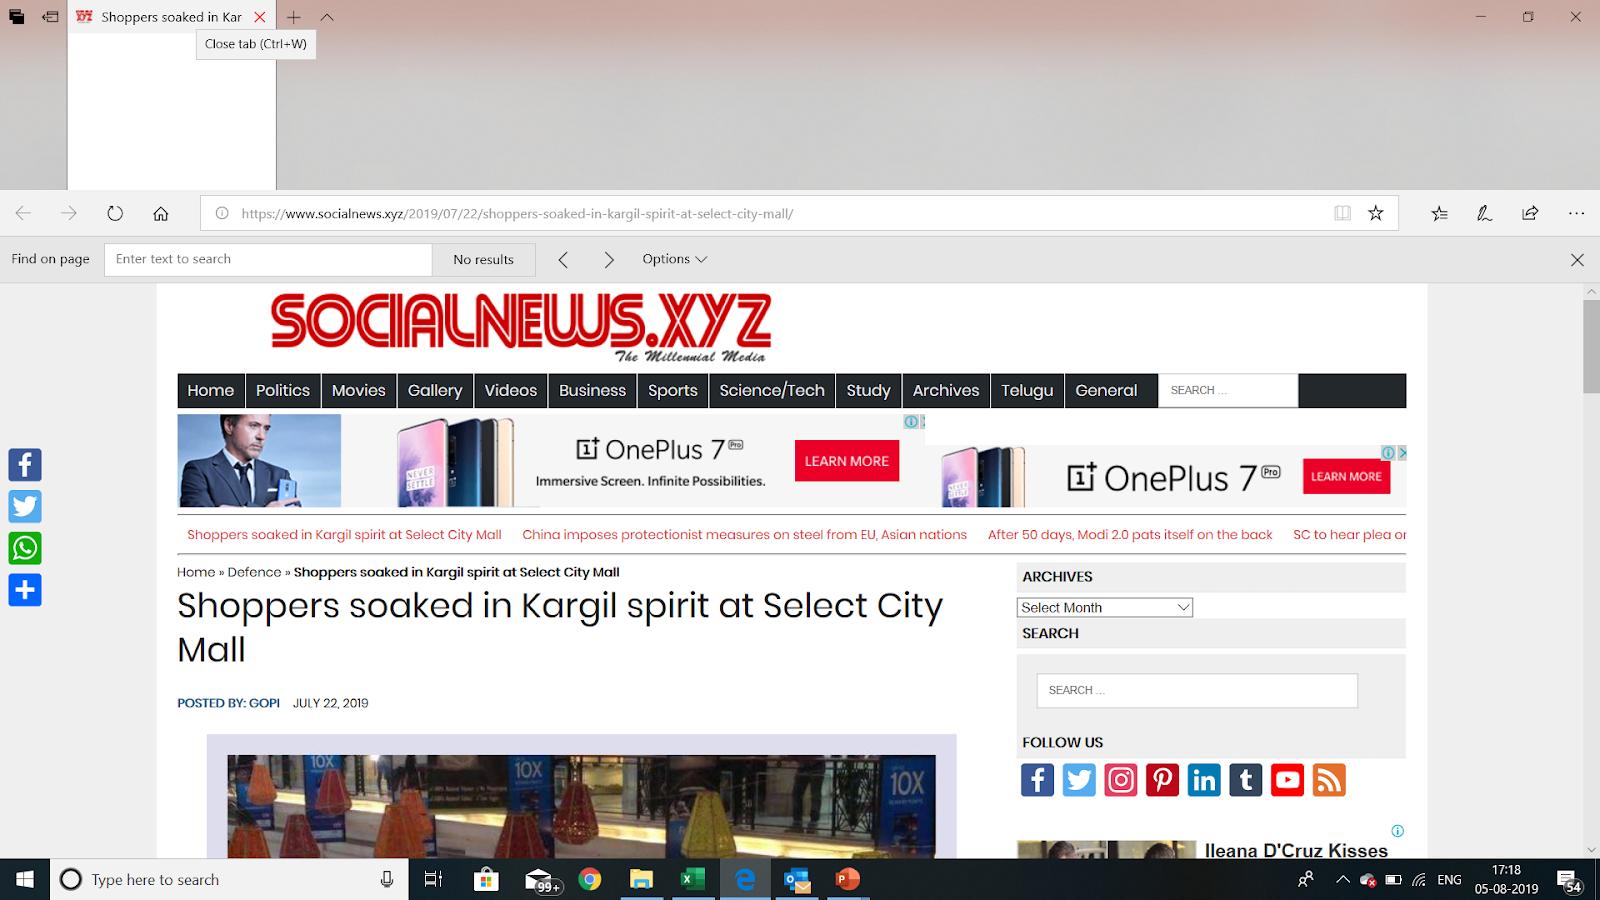 .socialnews.xyz